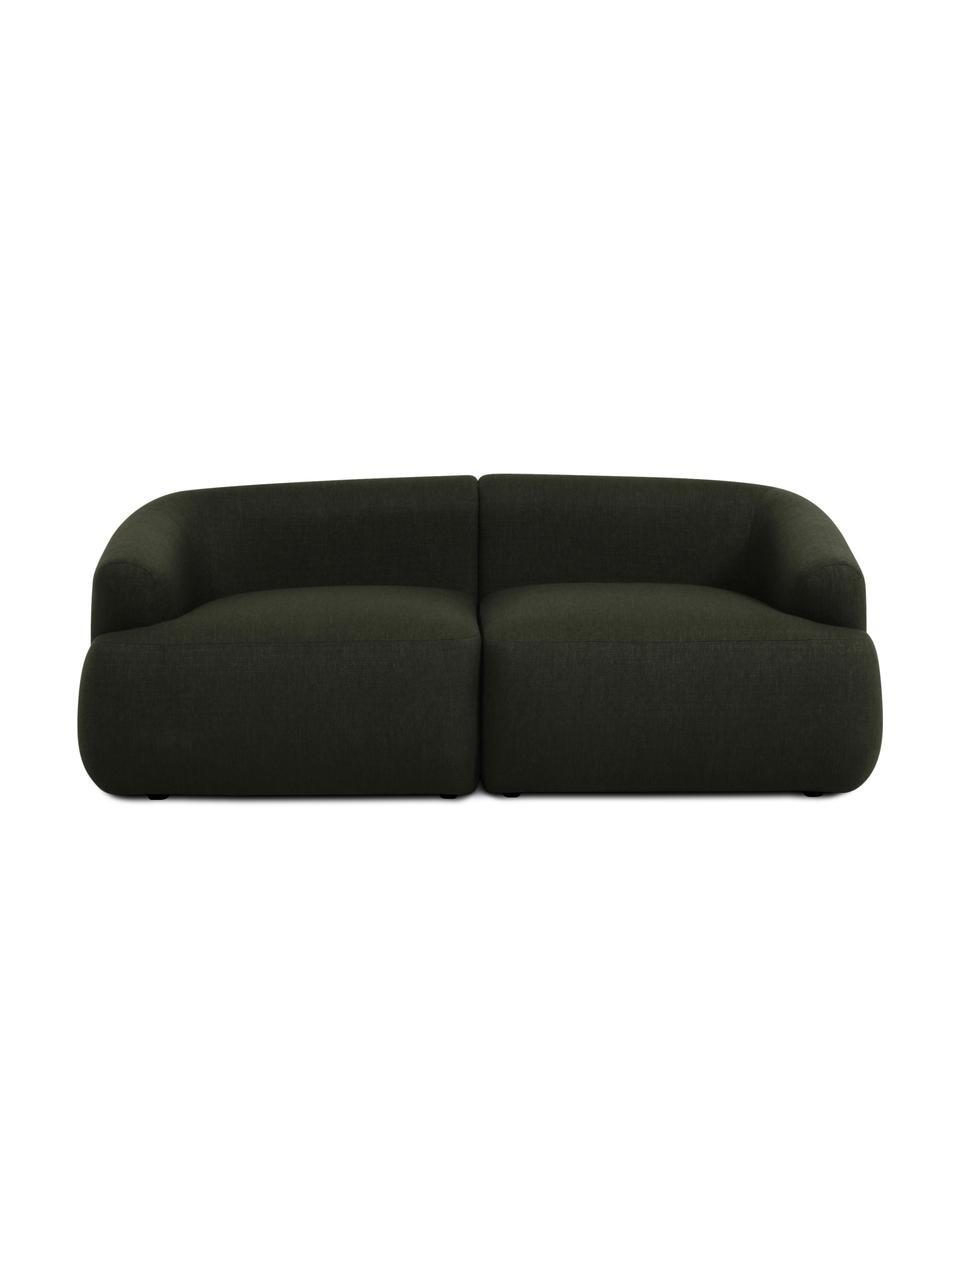 Sofa modułowa Sofia (2-osobowa), Tapicerka: 100% polipropylen Dzięki , Stelaż: lite drewno sosnowe, płyt, Nogi: tworzywo sztuczne, Zielony, S 192 x G 95 cm